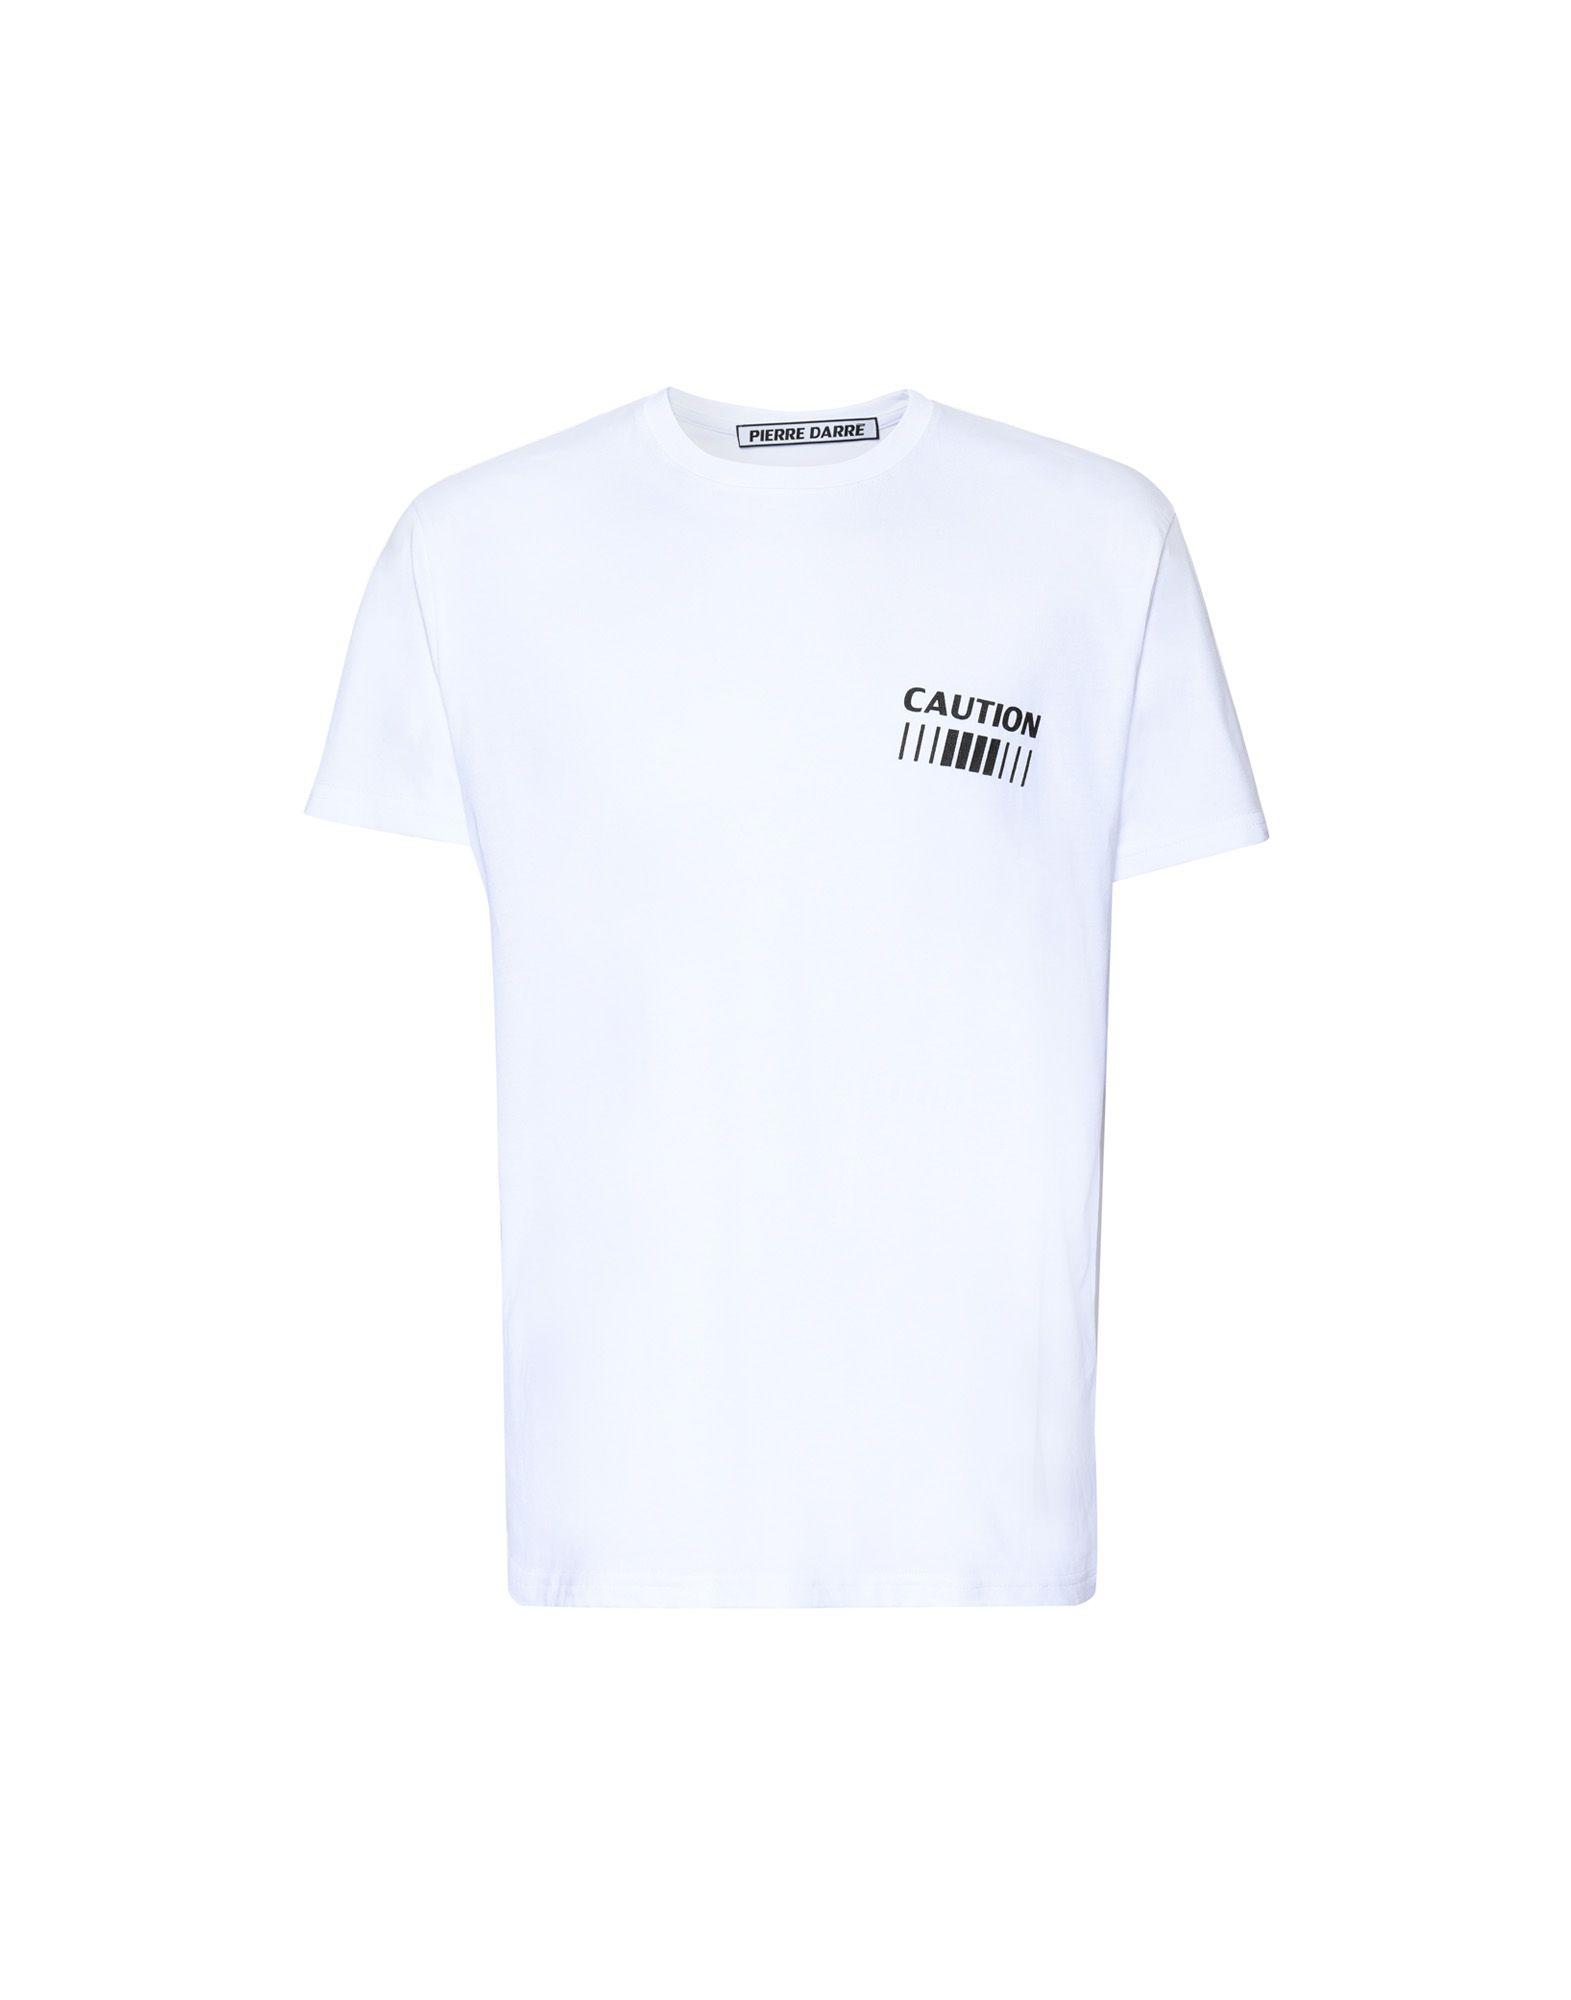 T-Shirt Pierre Darré herren - 12332036IN